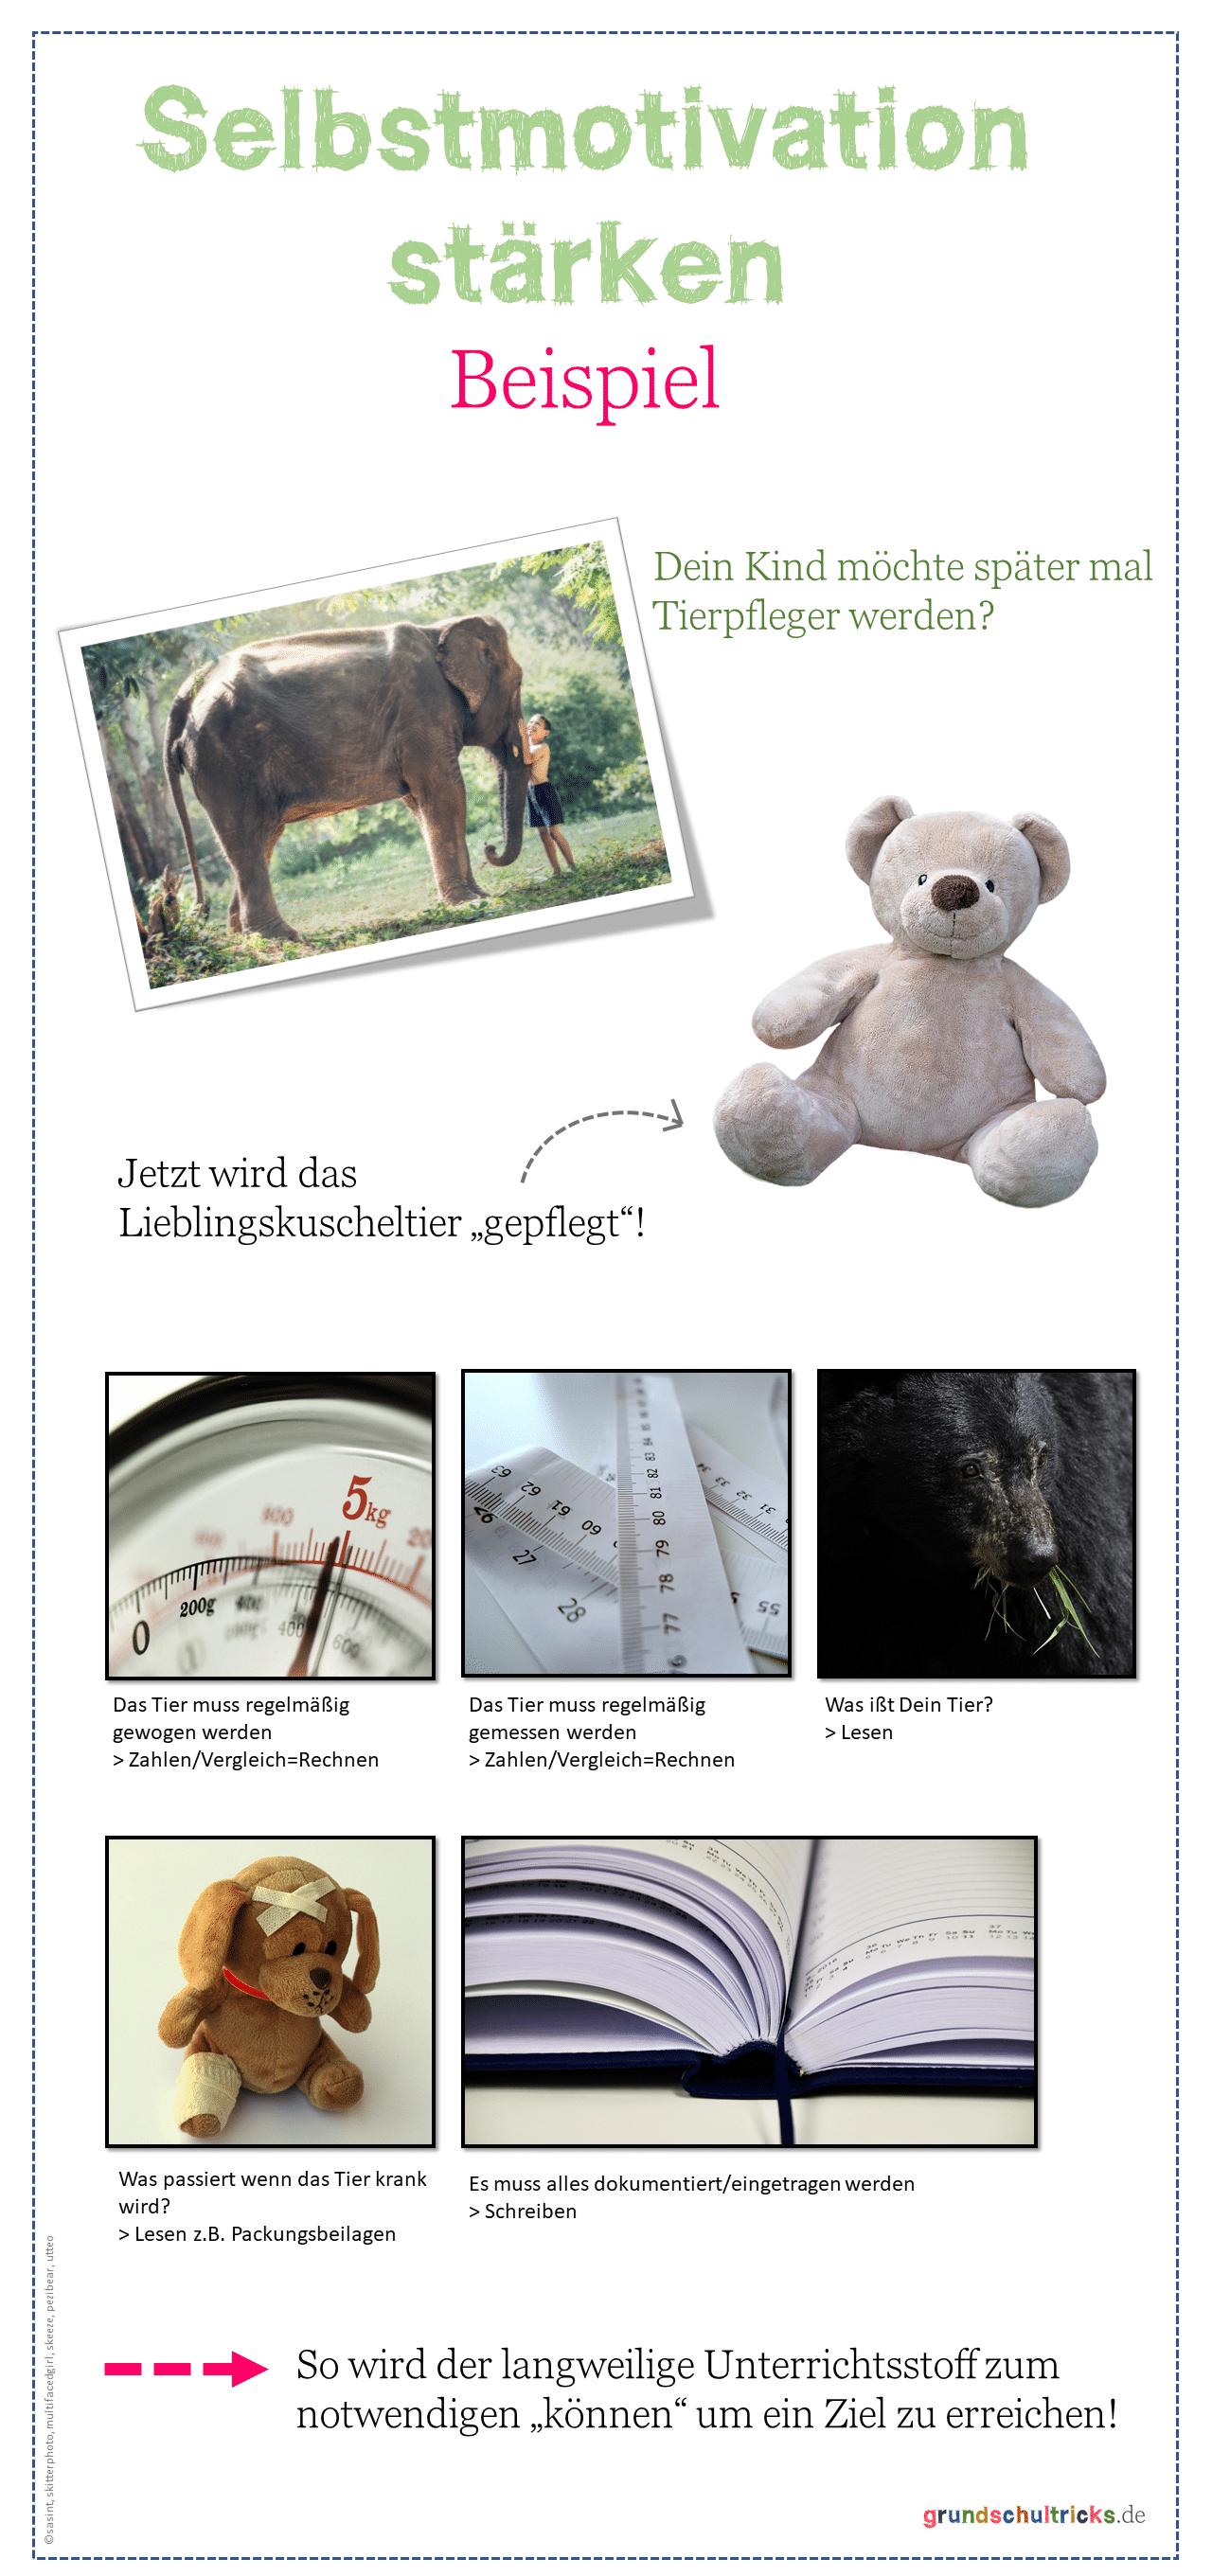 Auf dem Plakat wird eine Abfolge von Bildern gezeigt u.a. ein Kuscheltier, eine Massband, eine Waage. Die Schrift dazu erklärt was man dazu braucht um ein Tier zu pflegen.